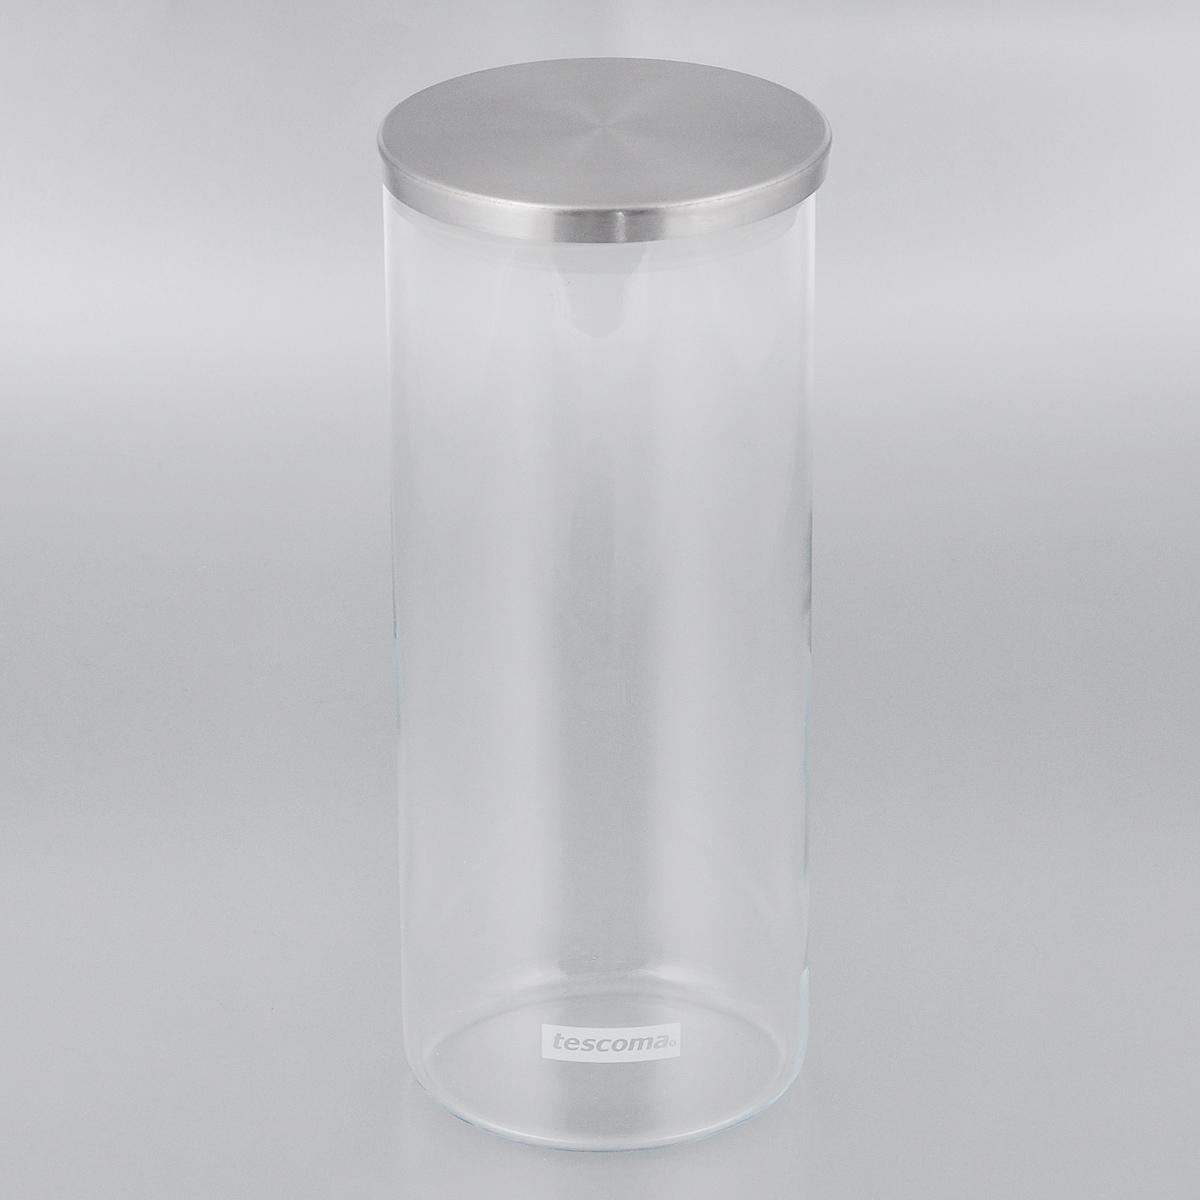 Емкость для специй Tescoma Monti, цвет: прозрачный, металлик, 1,4 л894824Емкость для специй Tescoma Monti, изготовленная из прочного боросиликатного стекла, позволит вам хранить разнообразные специи. Емкость оснащена плотно прилегающей крышкой, изготовленной из первоклассной нержавеющей стали и прочной пластмассы и снабженная силиконовой прокладкой. Емкость для хранения специй станет незаменимым помощником на кухне.Можно мыть в посудомоечной машине, крышку - нельзя. Диаметр по верхнему краю: 9,5 см.Диаметр дна: 9 см.Высота без учета крышки: 23 см.Высота с учетом крышки: 23,5 см.Объем: 1,4 л.